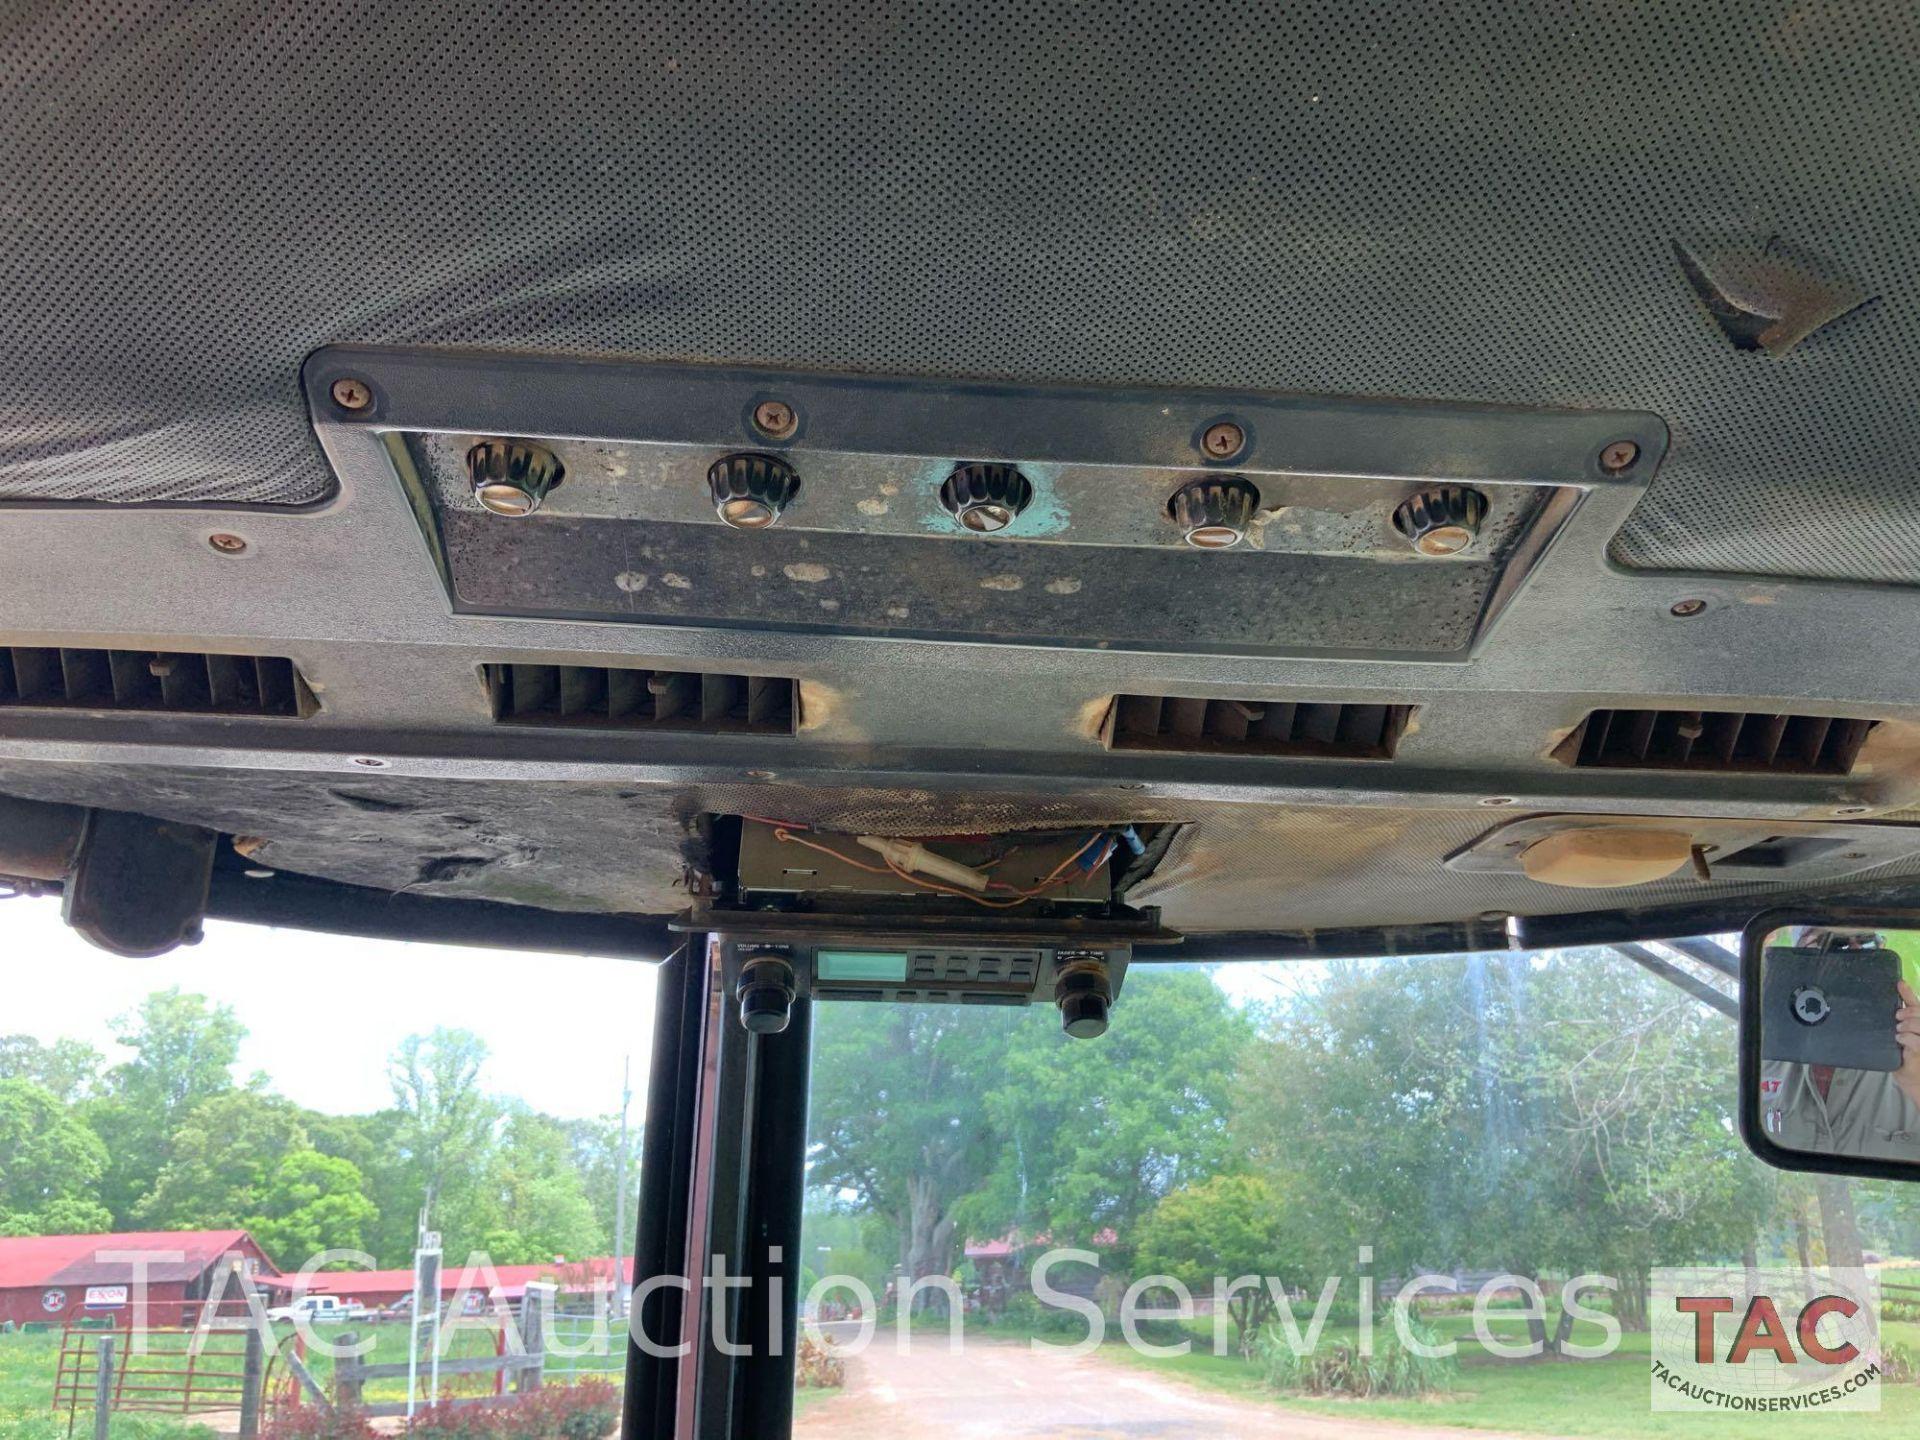 John Deere 4440 Tractor - Image 18 of 31